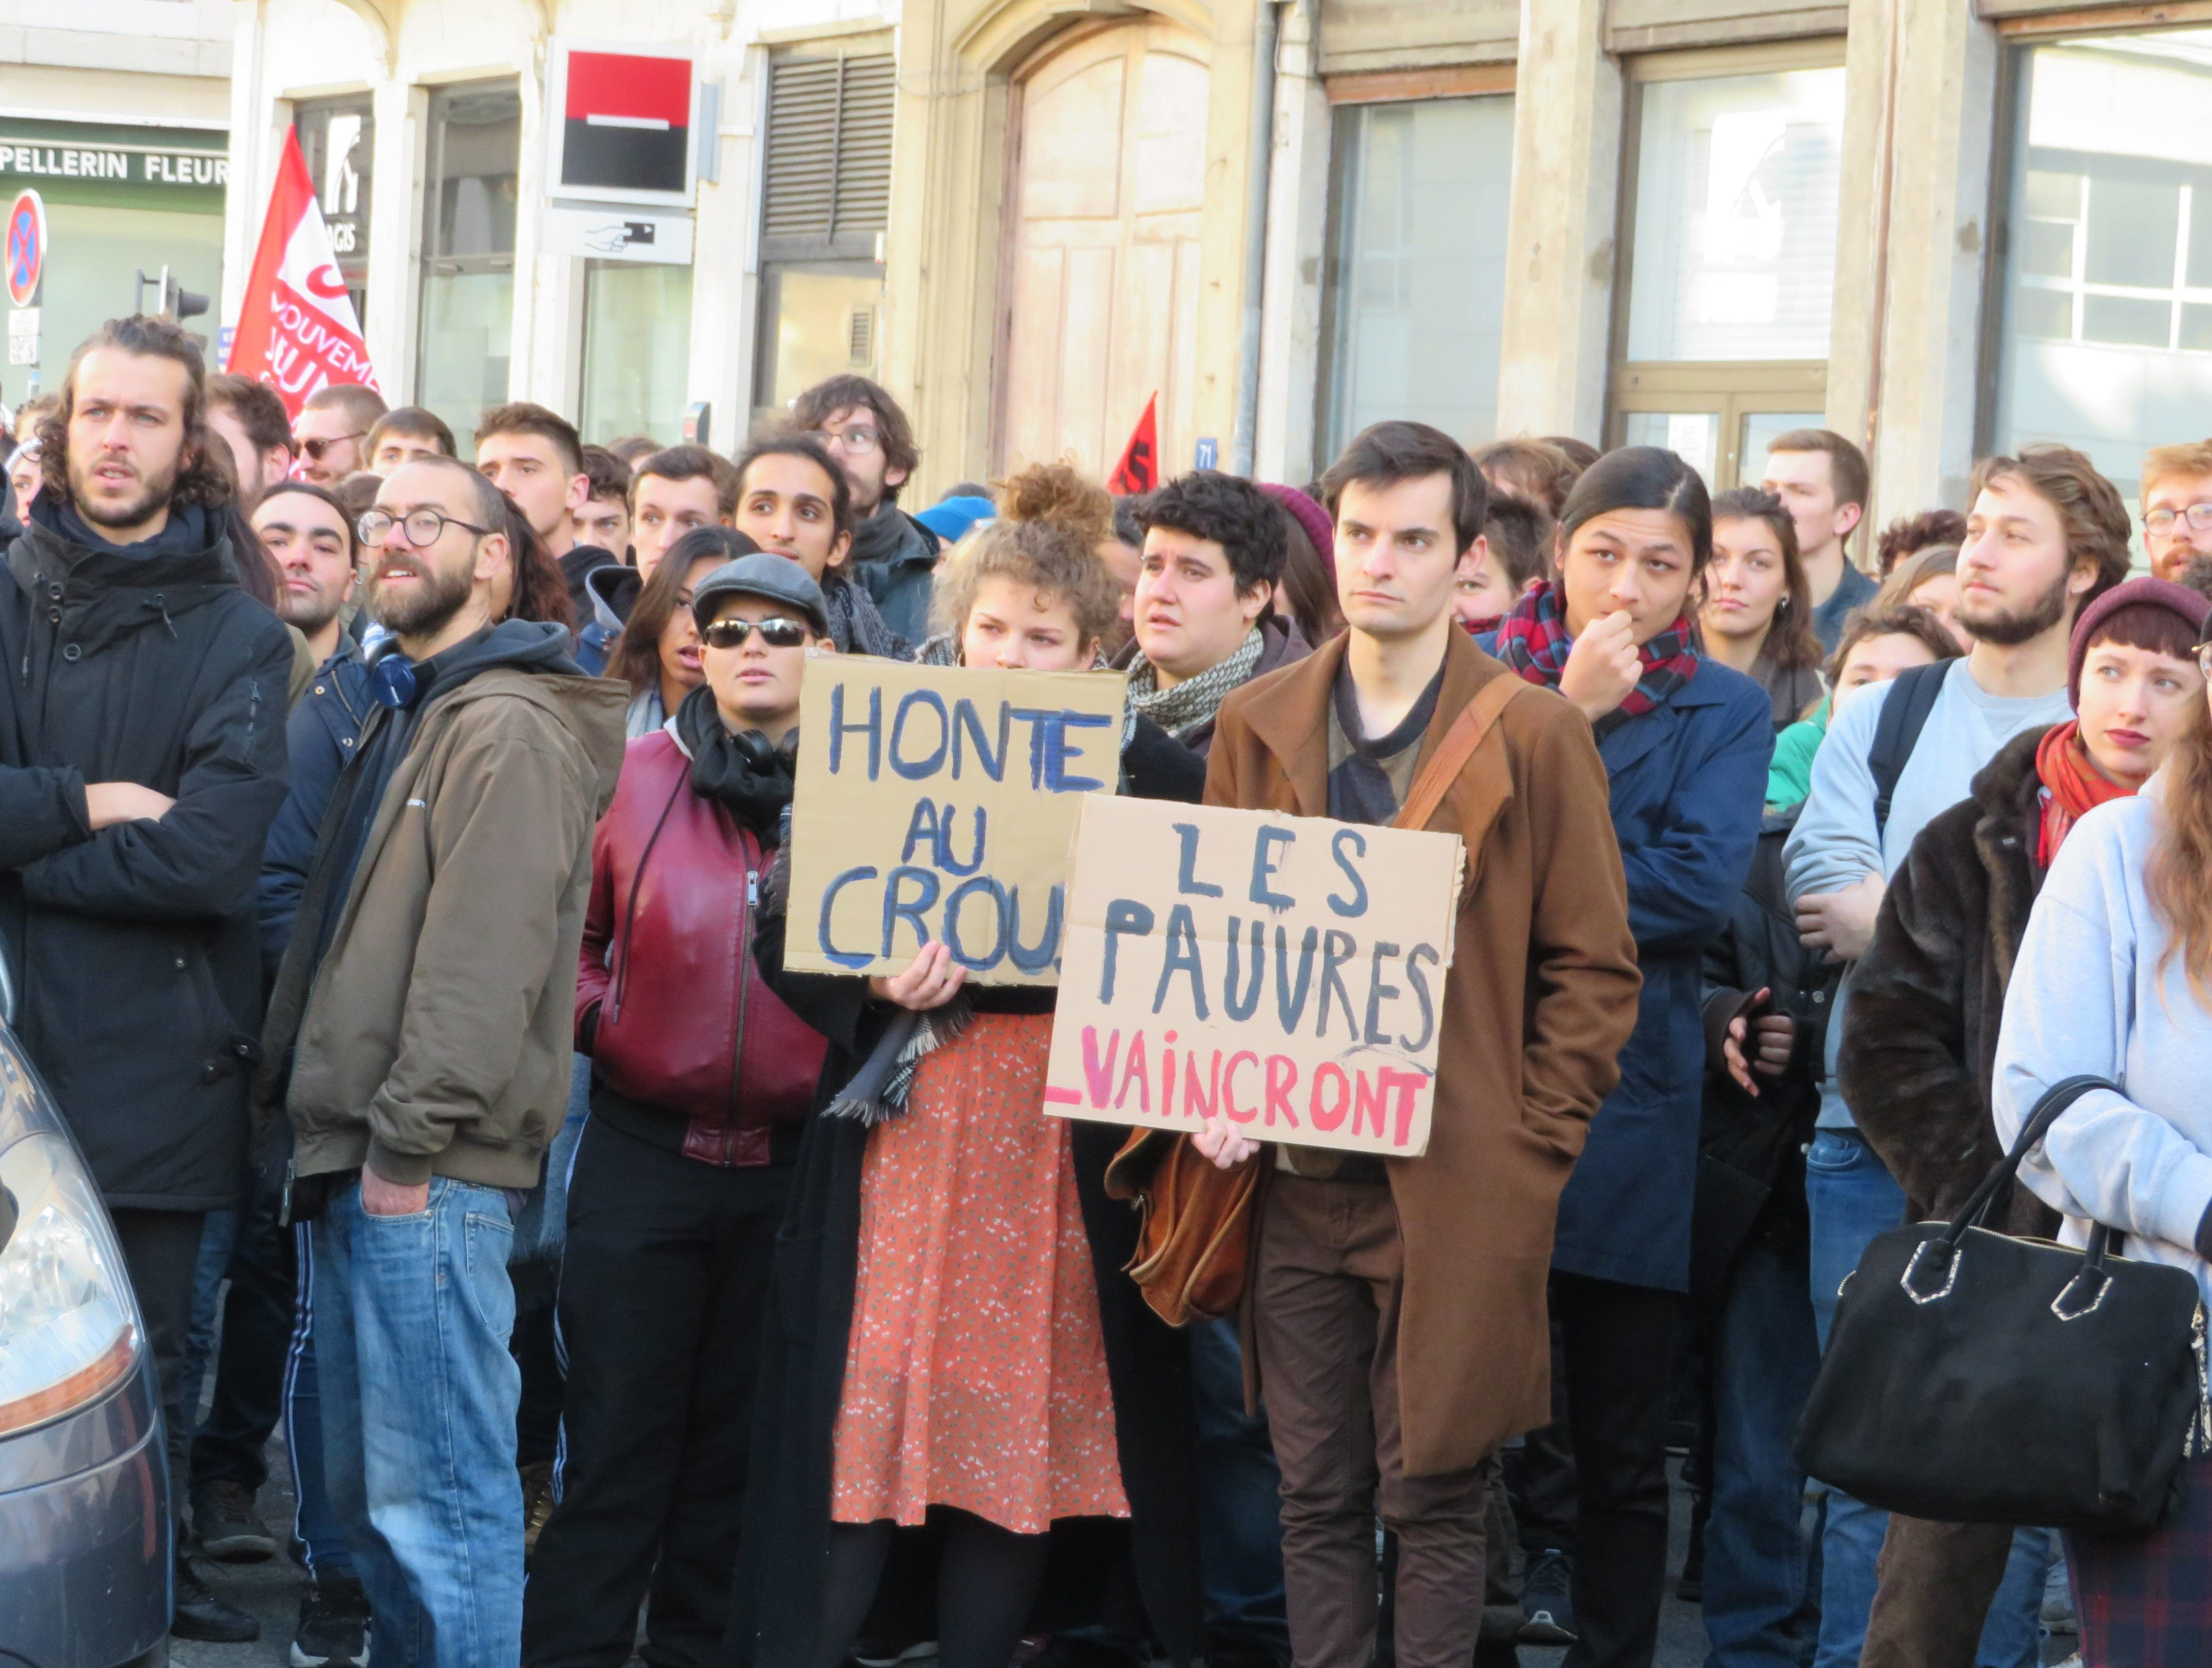 """Des personnes rassemblées, dont deux portant des pancartes indiquant : """"Honte au Crous"""" et """"Les pauvres vaincront"""""""